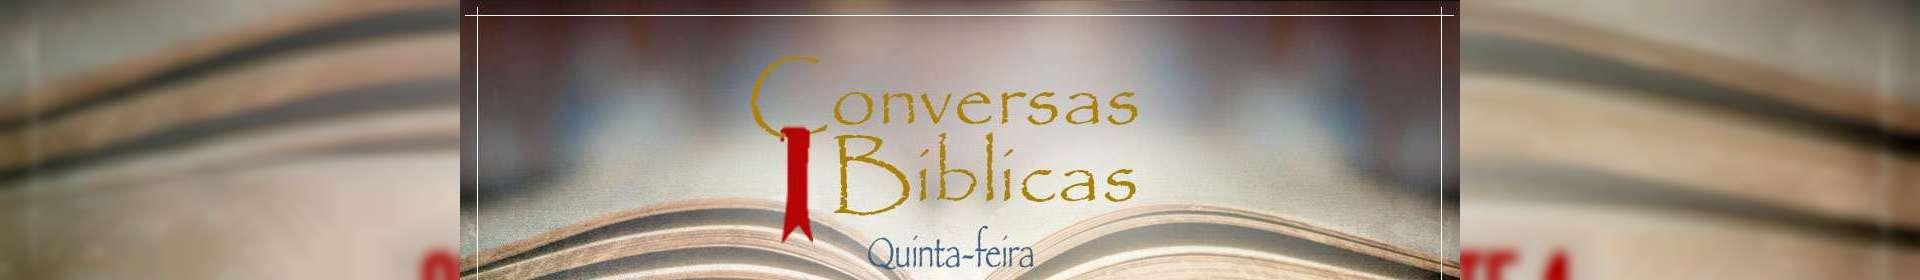 Conversas Bíblicas: Obra de Saul e Obra de Davi - Parte 4